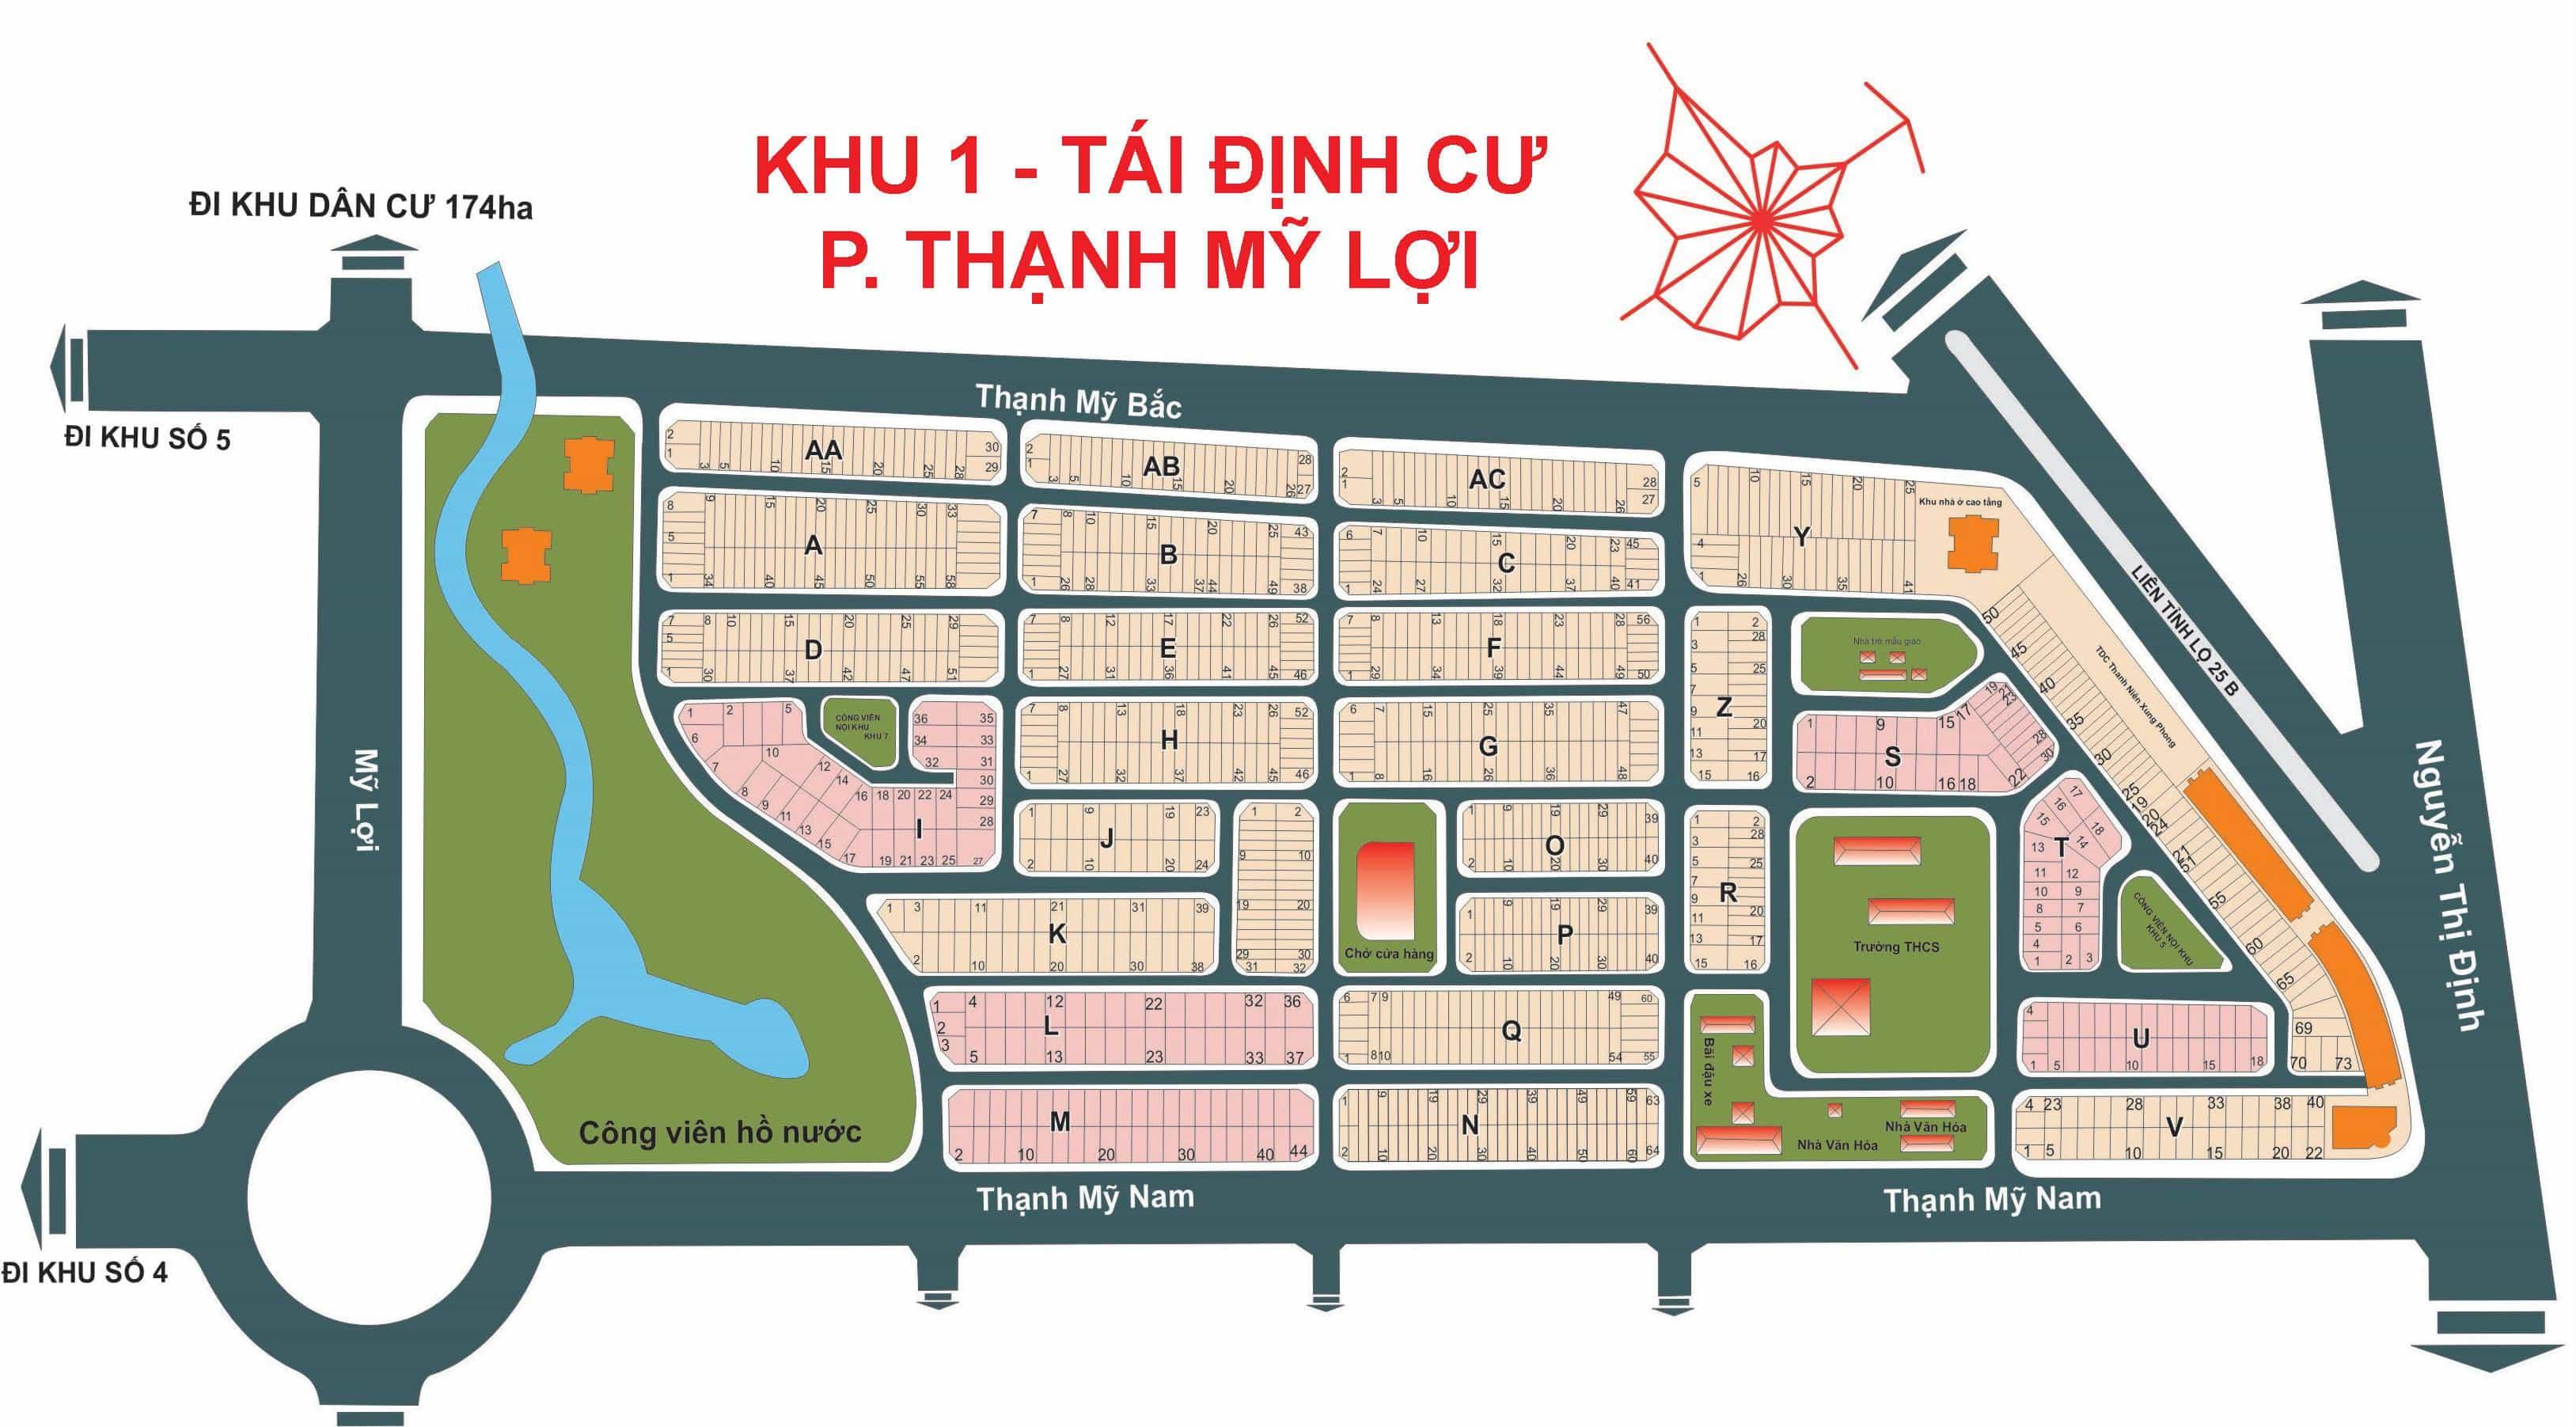 Bản đồ Dự án Tái Định Cư khu 1 - phường Thạnh Mỹ Lợi